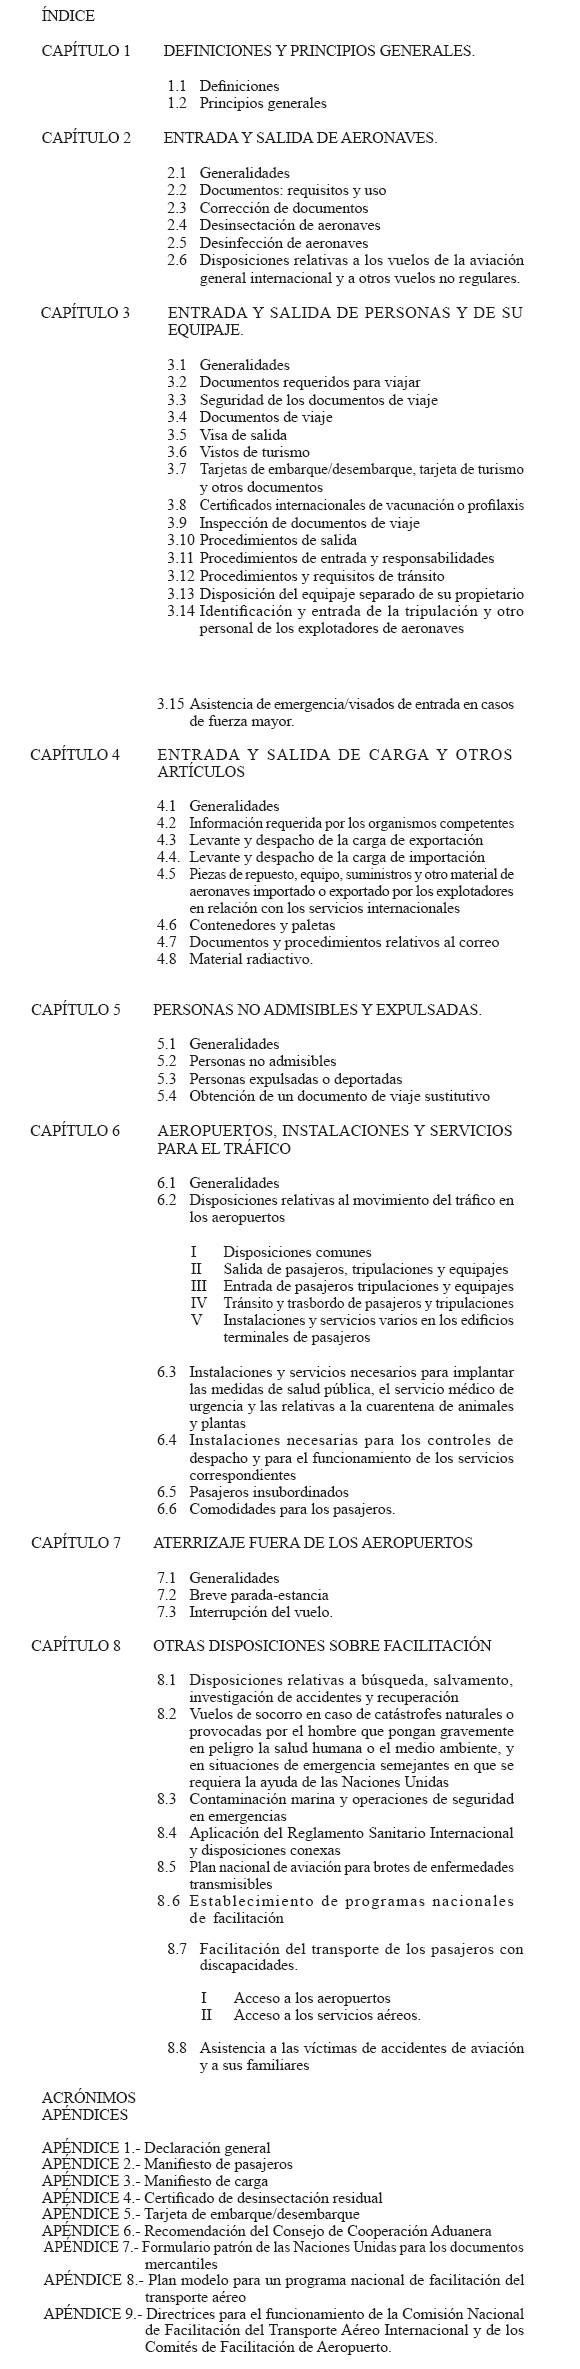 DTO-232 09-JUL-2015 MINISTERIO DE TRANSPORTES Y TELECOMUNICACIONES ...